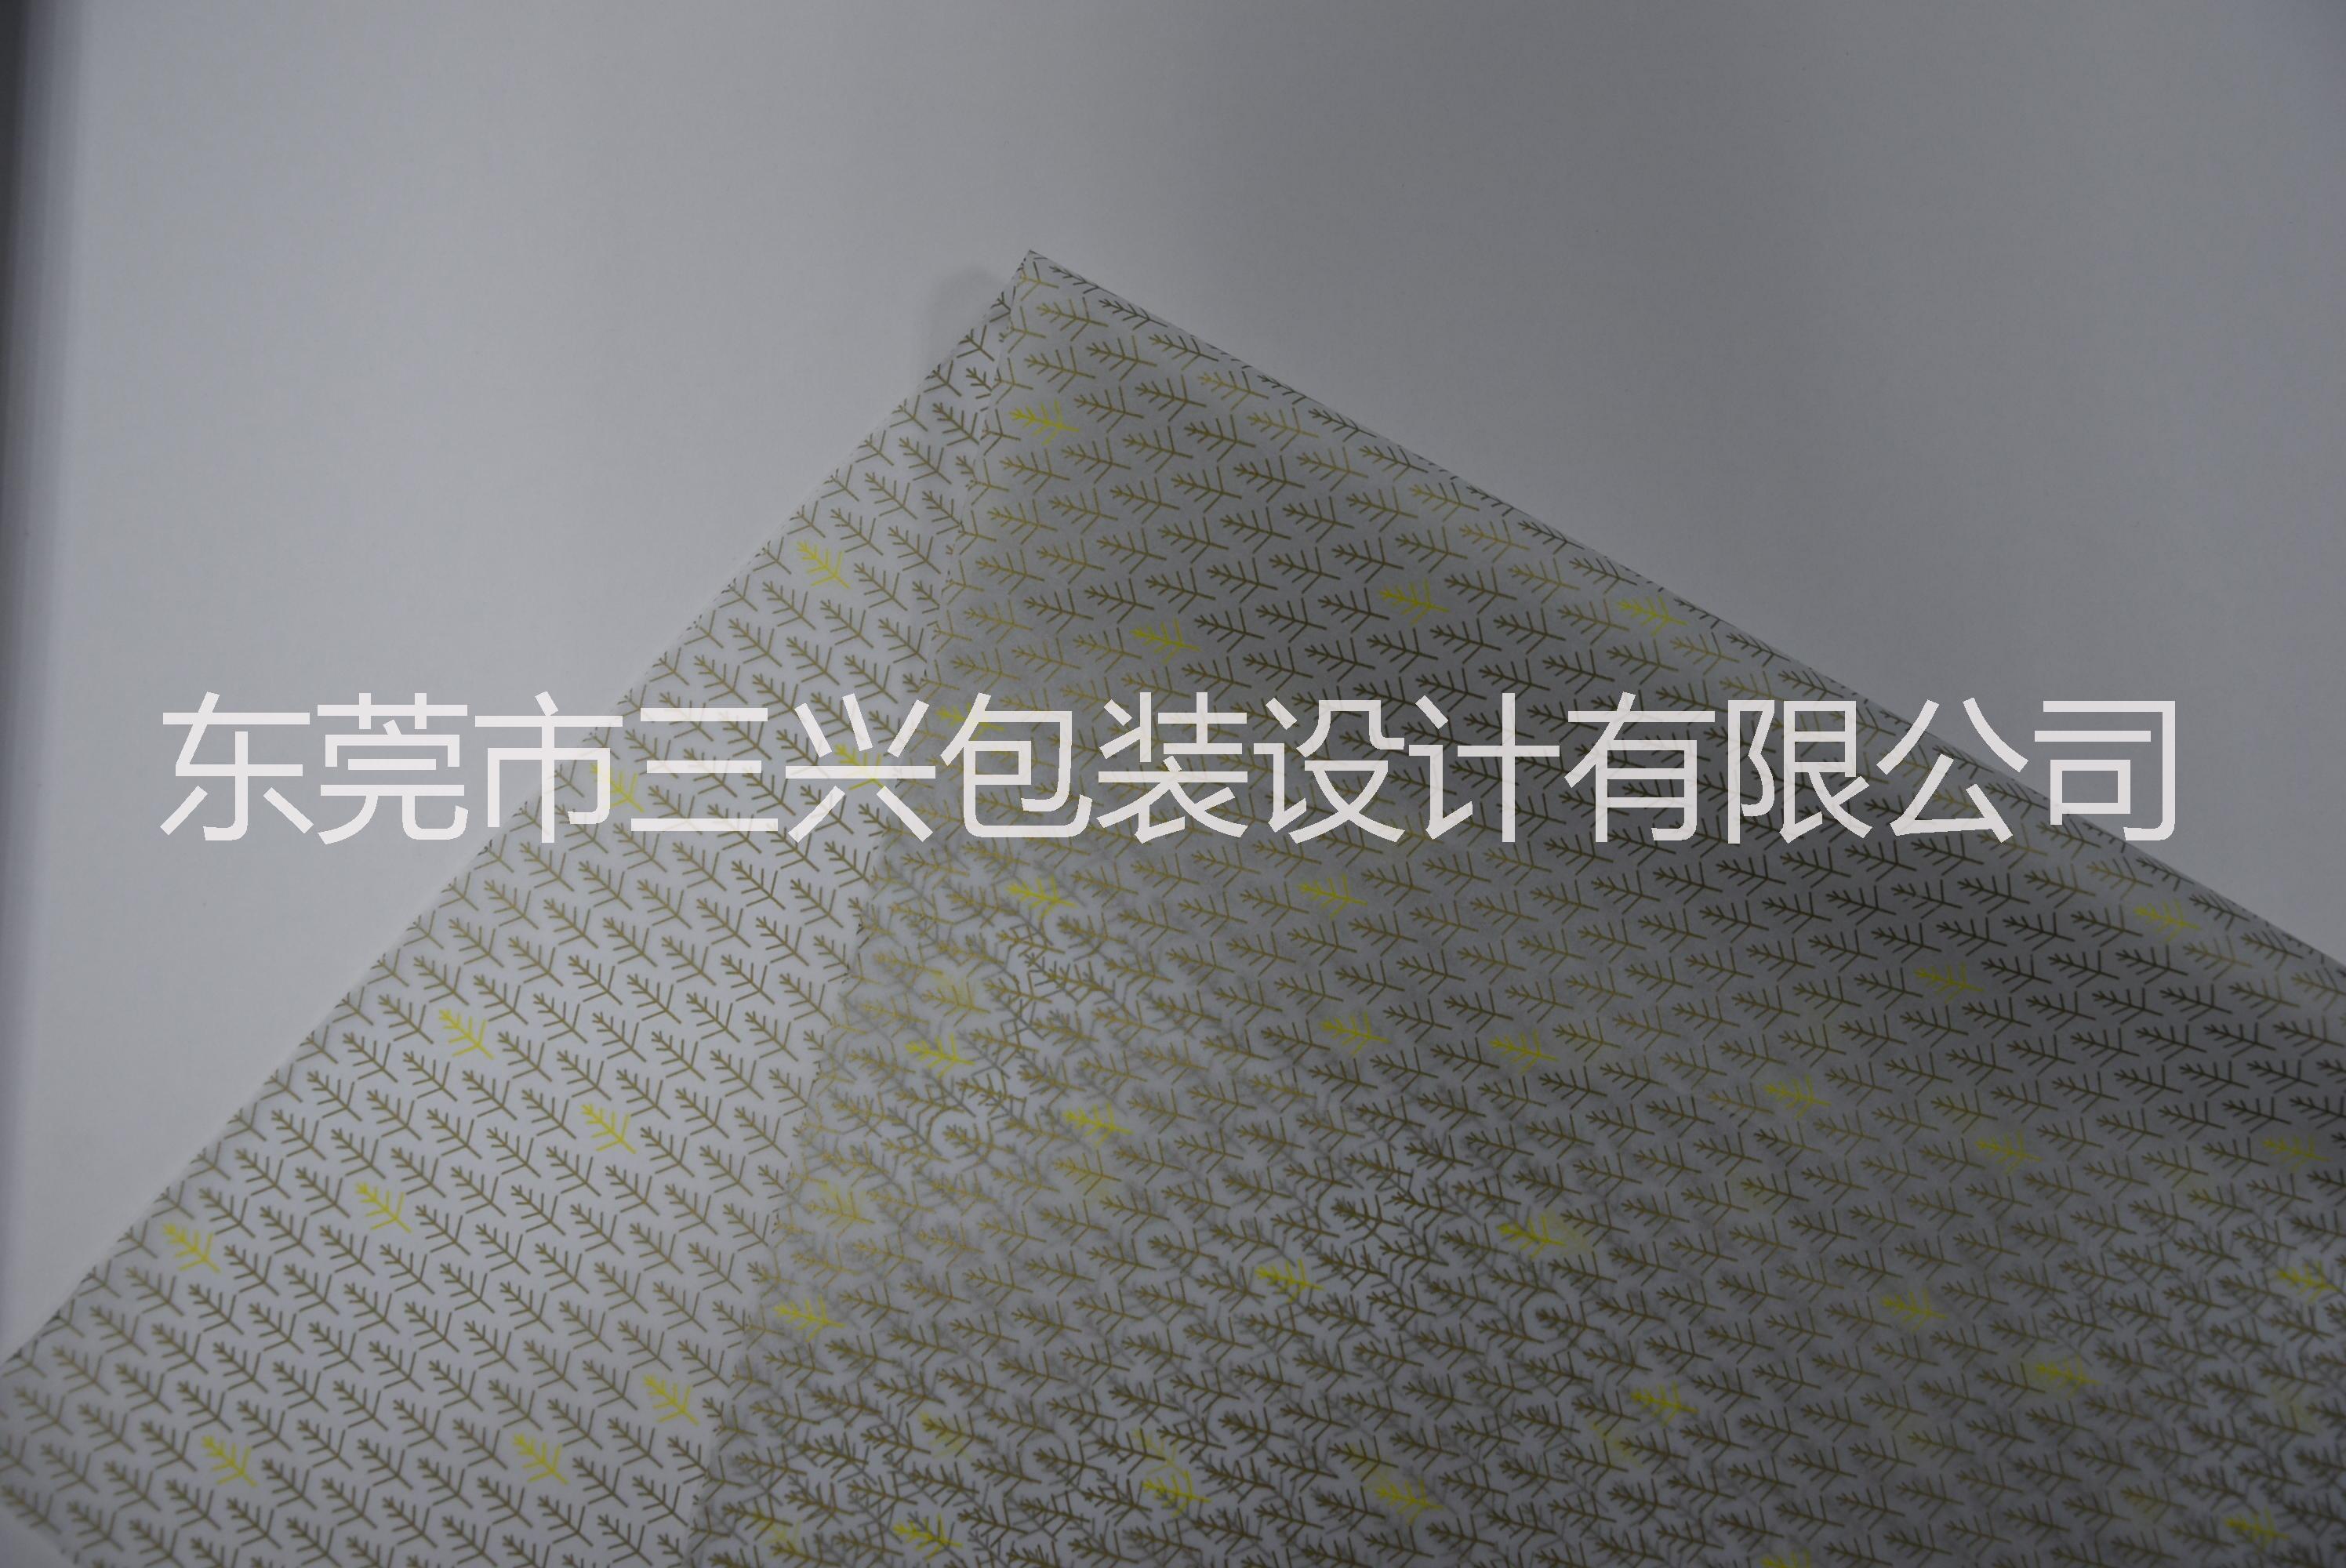 印刷拷贝纸logo图案1-6色 28g打字纸印刷